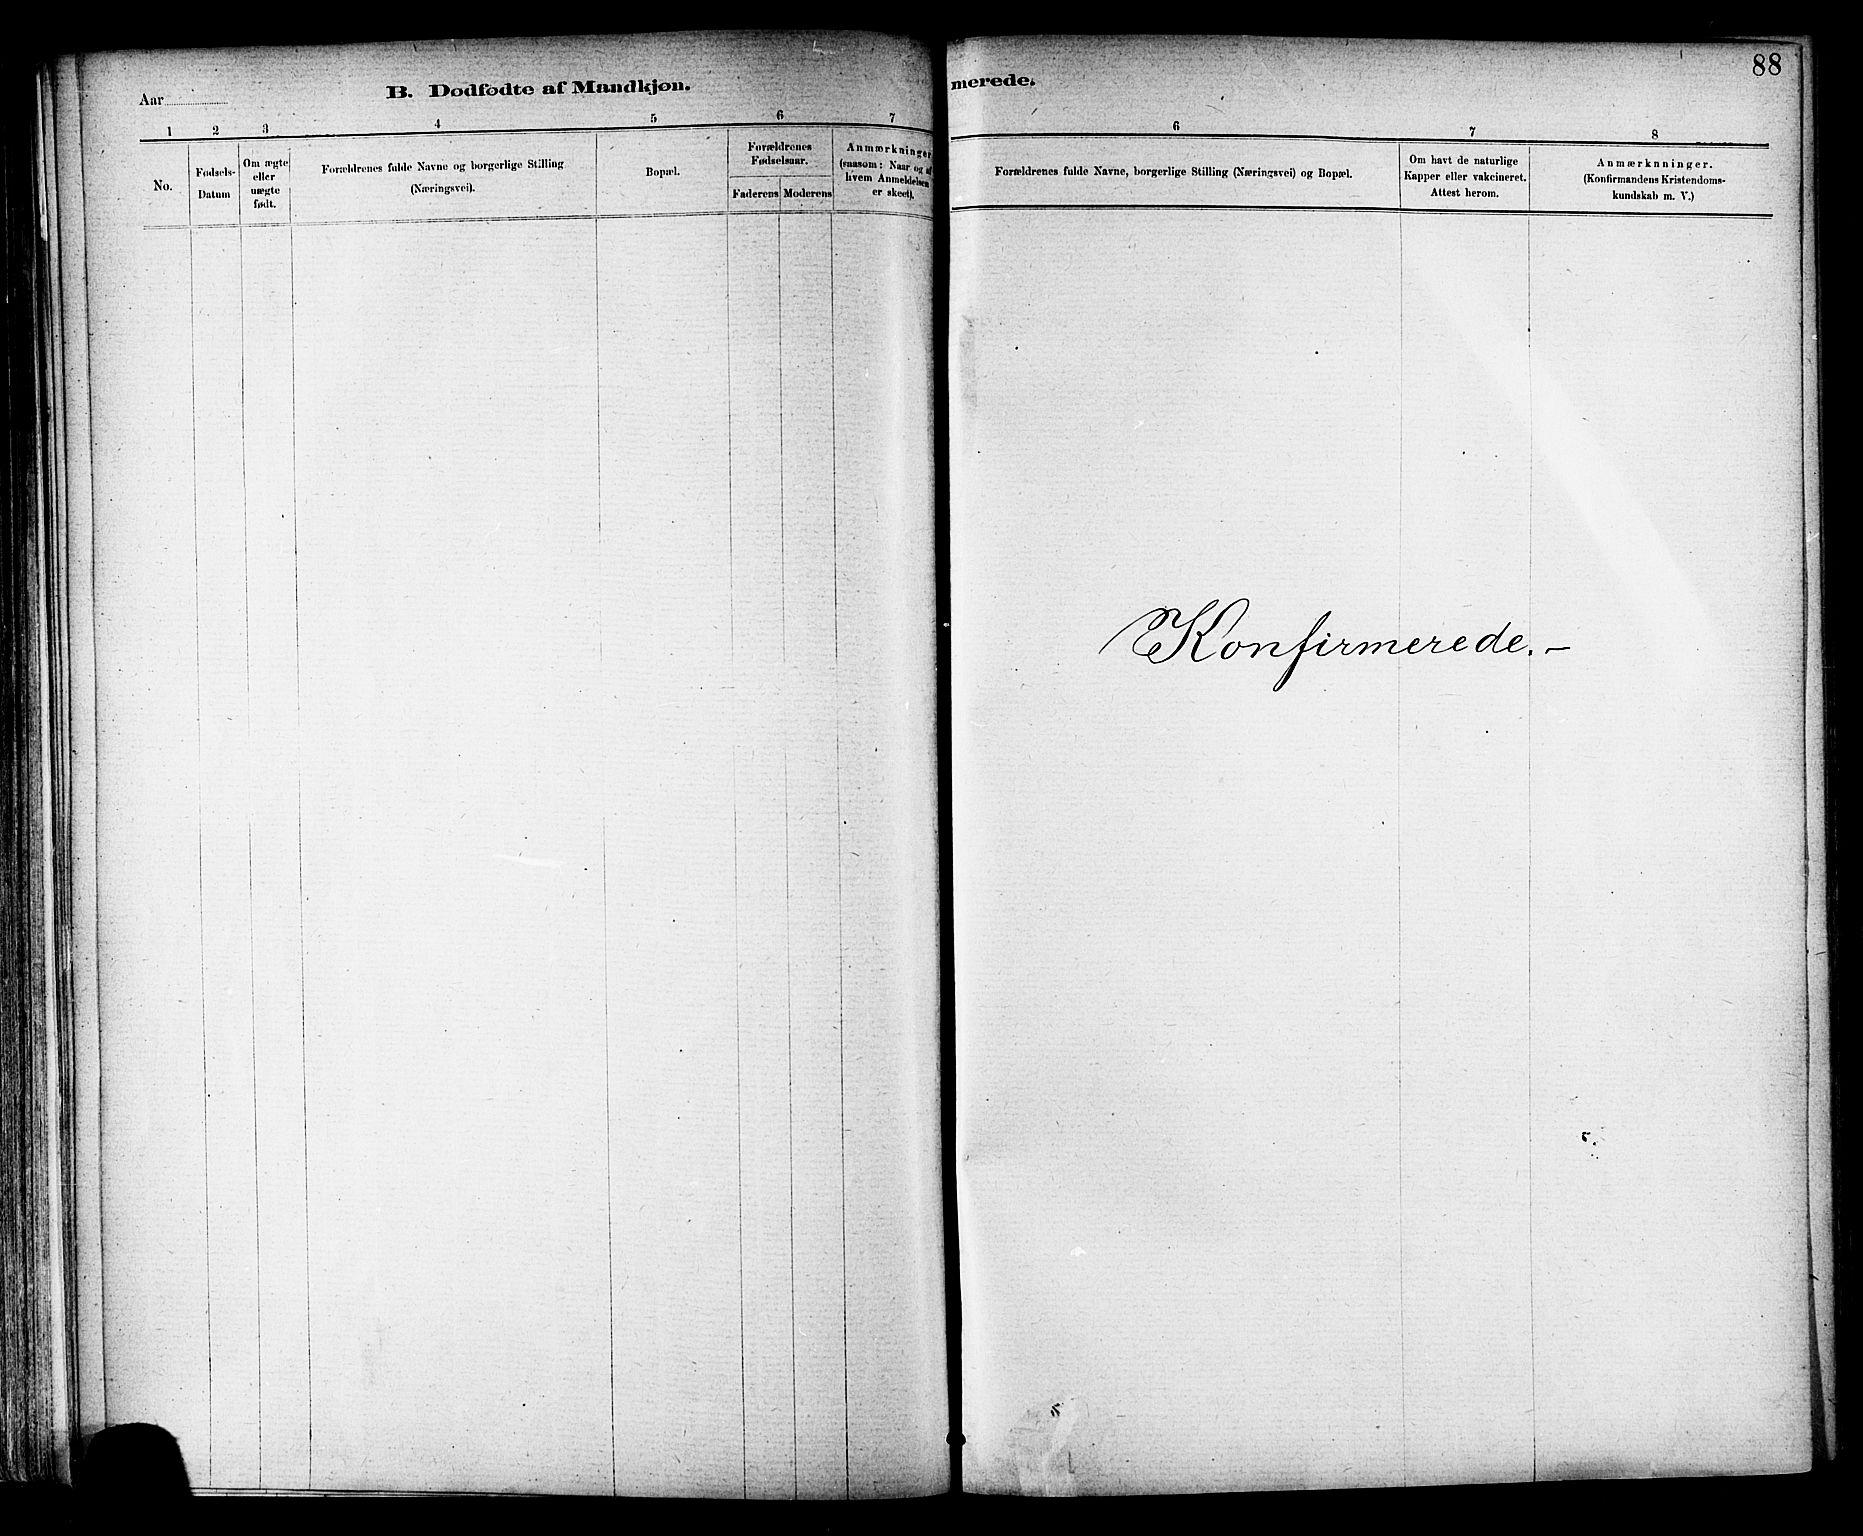 SAT, Ministerialprotokoller, klokkerbøker og fødselsregistre - Nord-Trøndelag, 703/L0030: Ministerialbok nr. 703A03, 1880-1892, s. 88